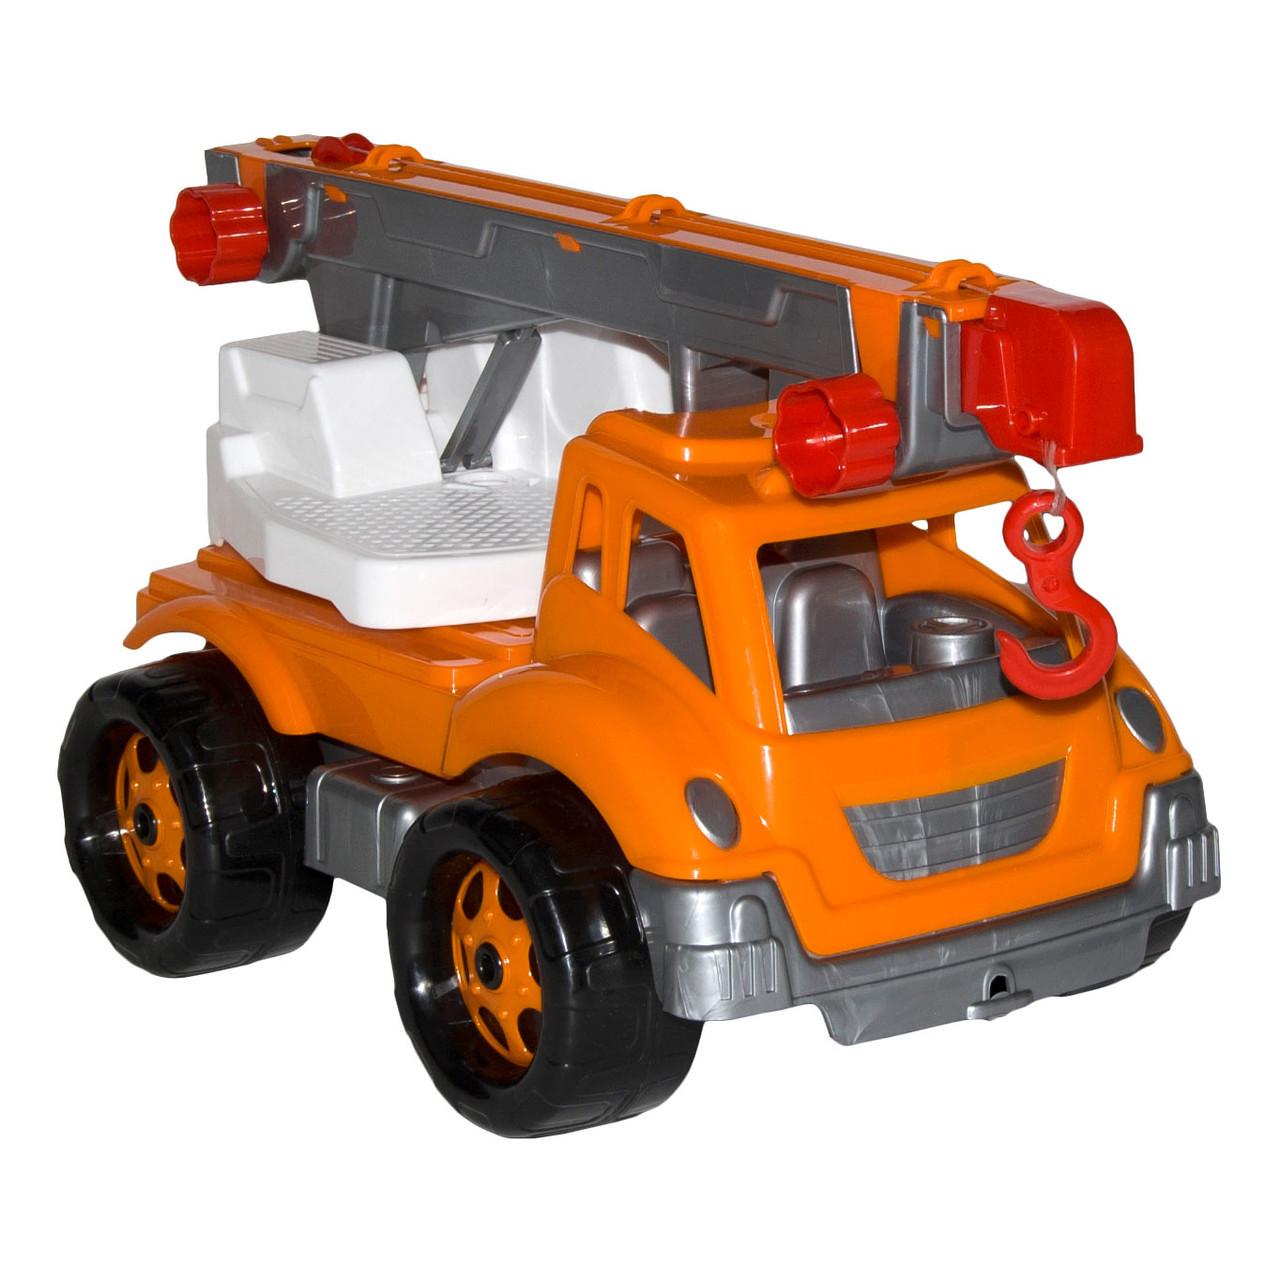 """Іграшка машина """"Автокран ТехноК"""", артикул 4562, Технок 36 х 21 х 20 см"""